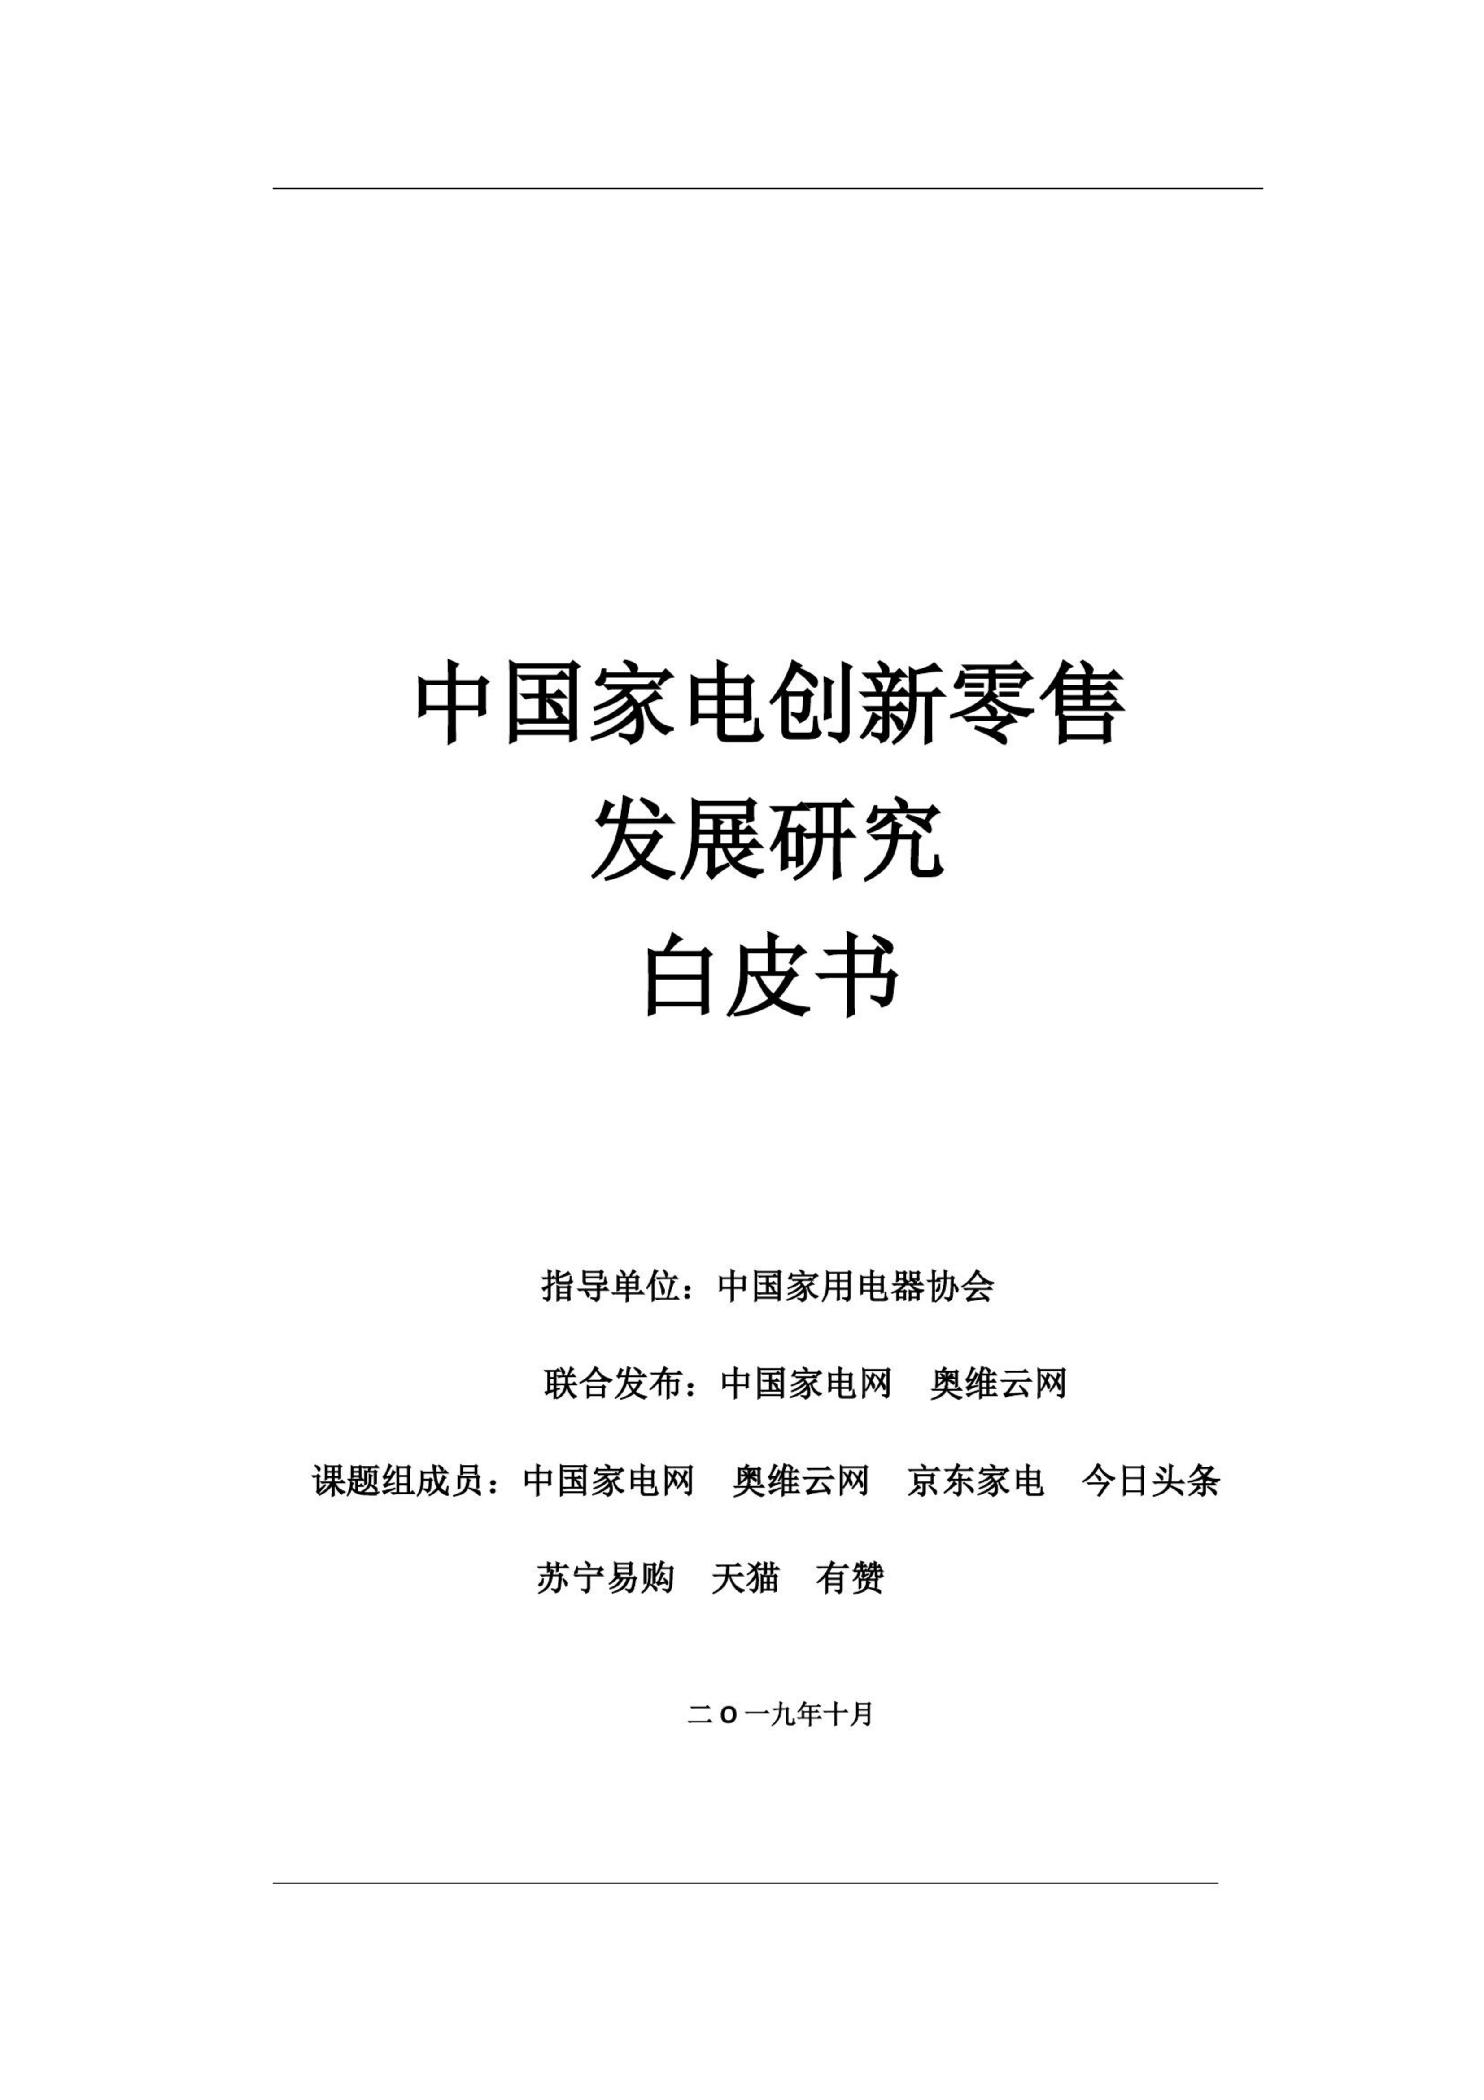 奥维云网:中国家电创新零售发展研究白皮书